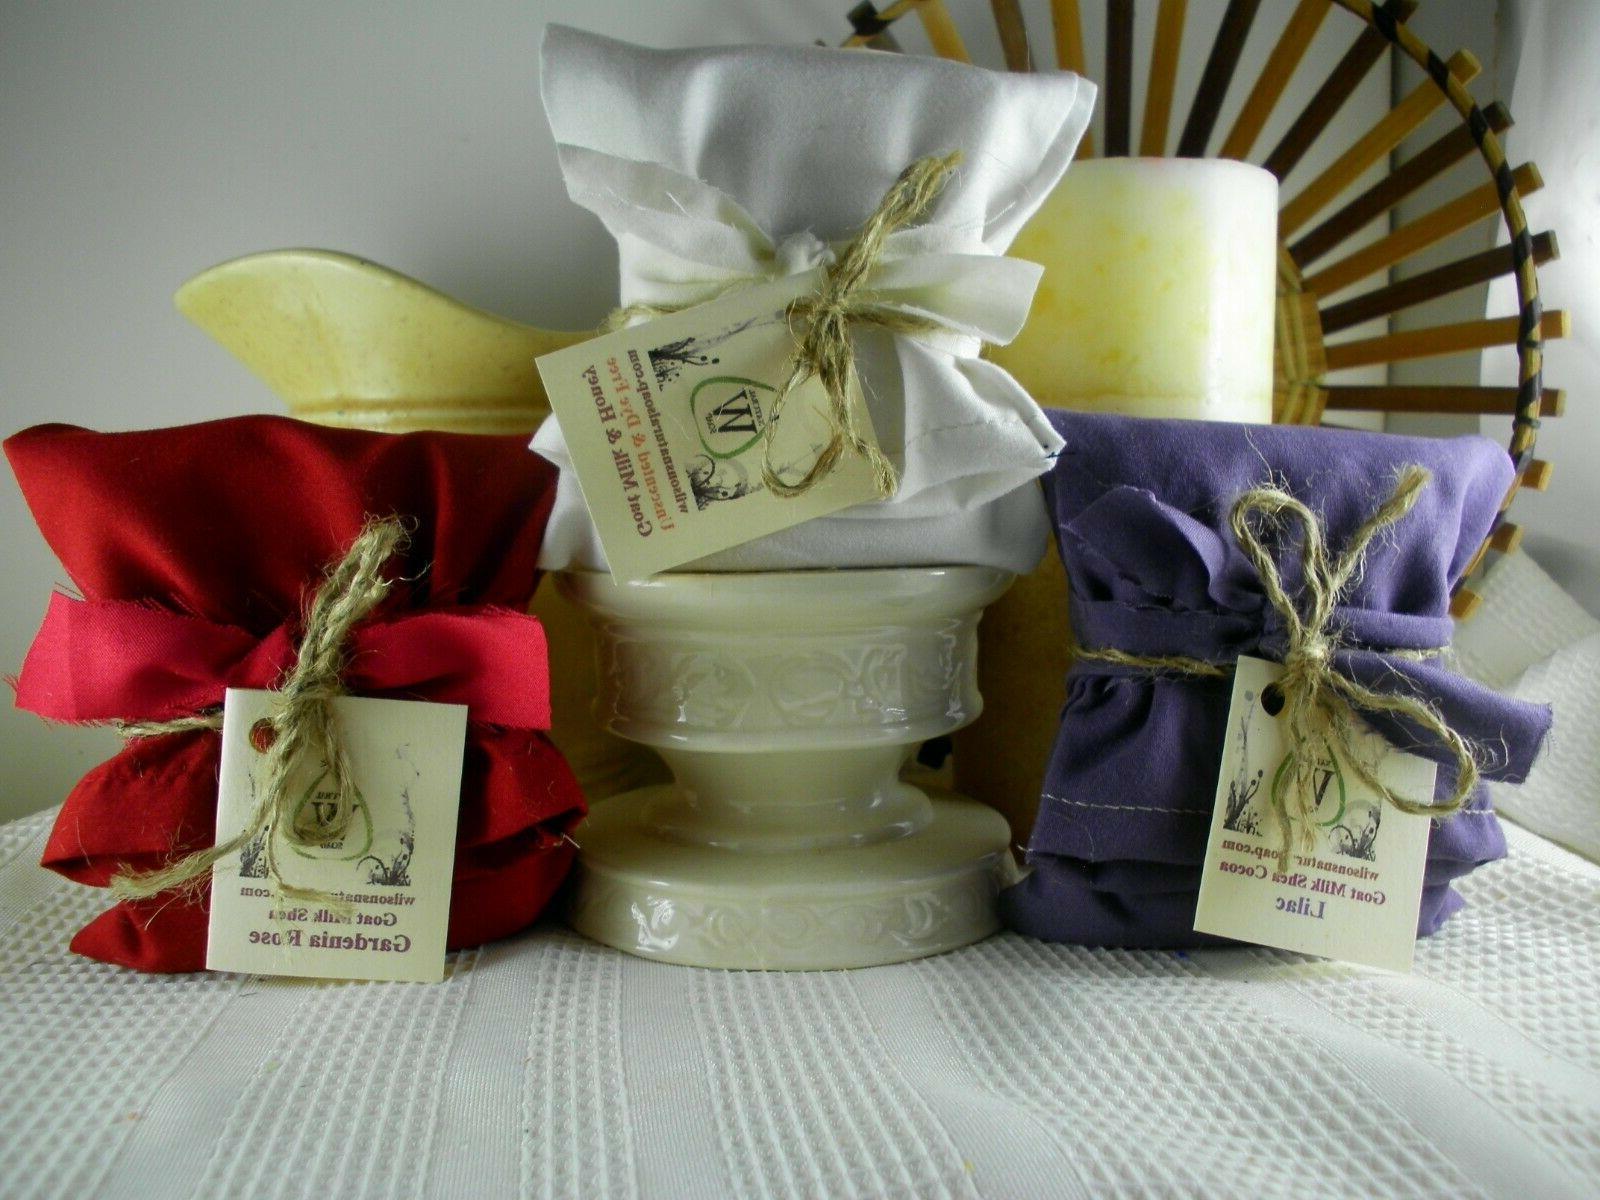 Herbal Goat Soap, Gift Natural Organic